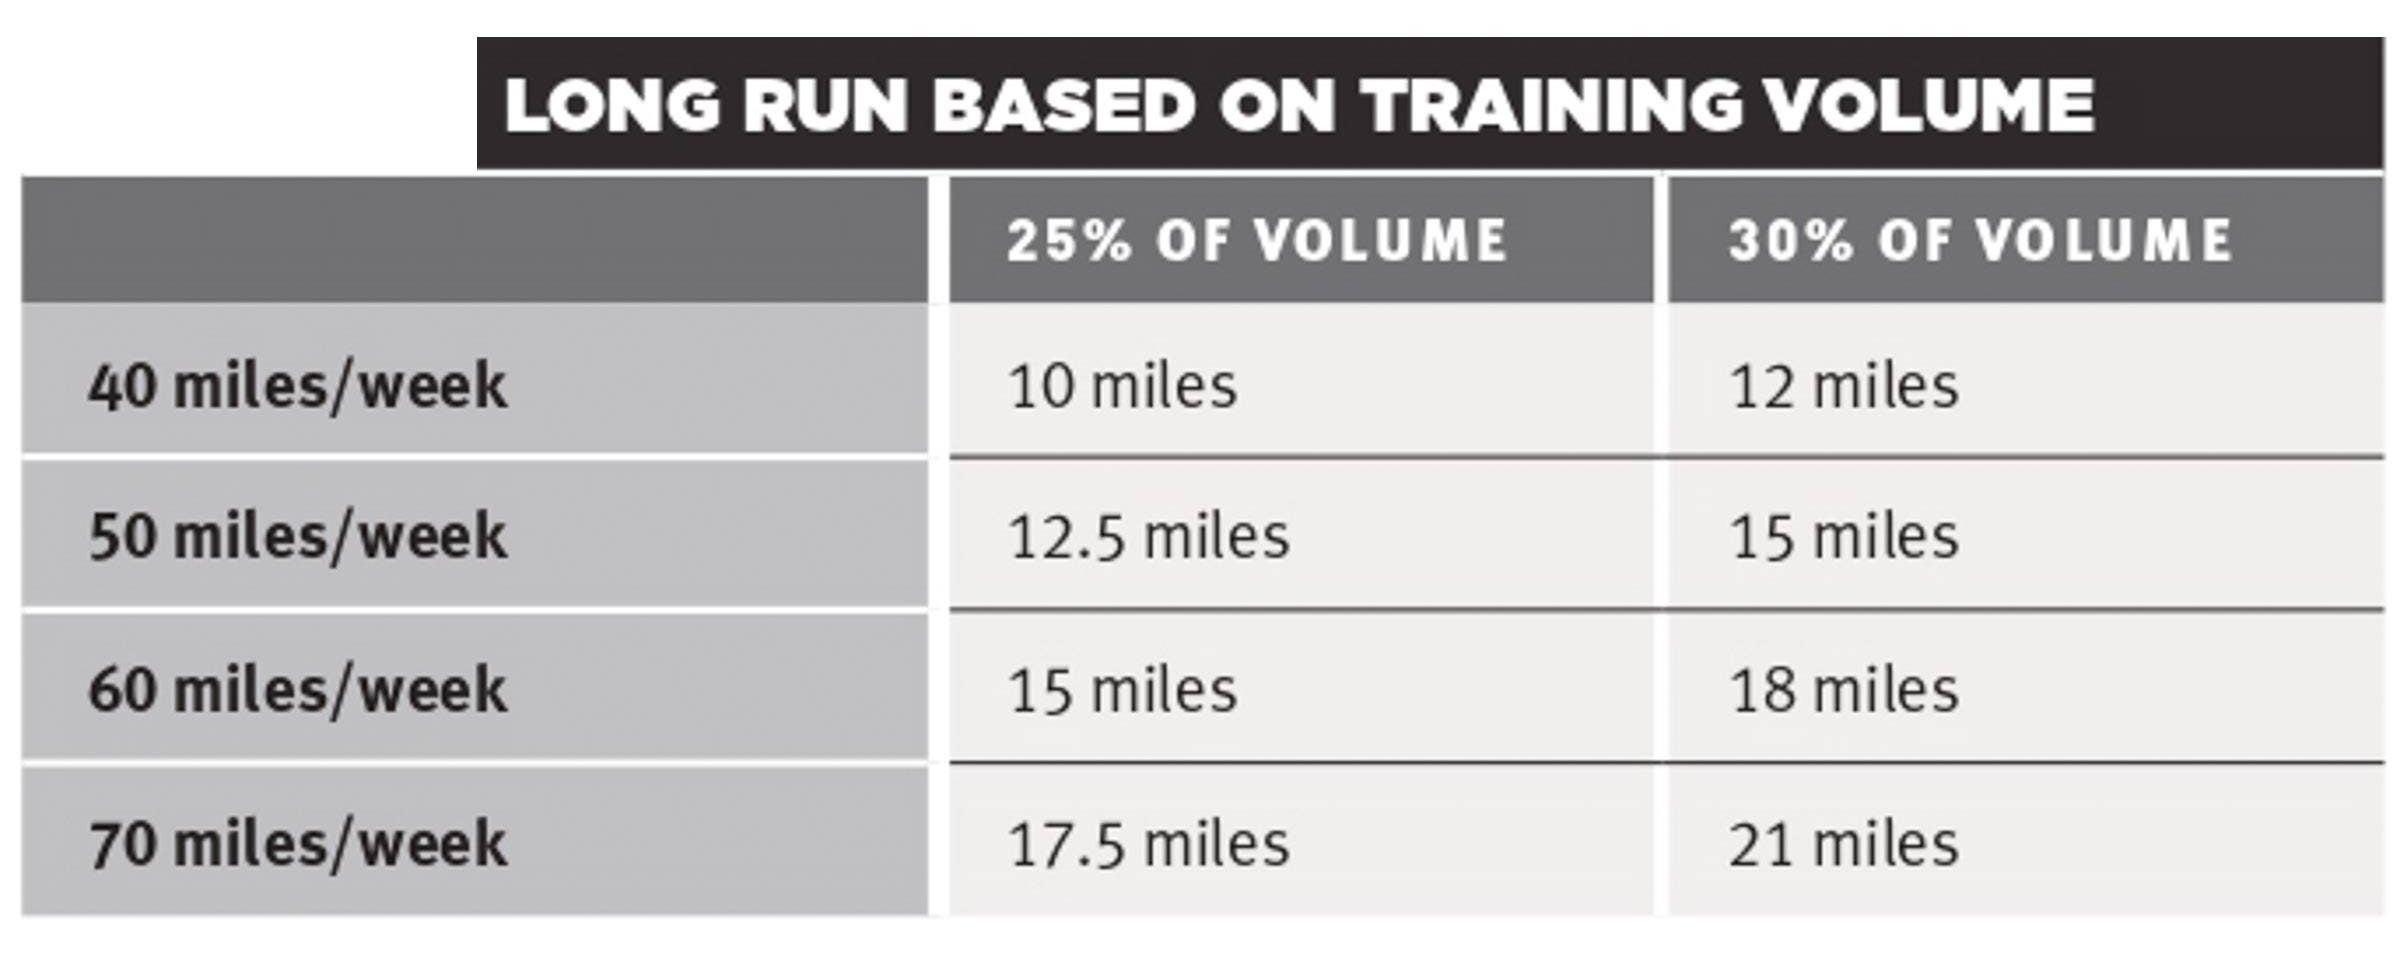 Tabla que detalla la distancia ideal de carrera larga basada en el volumen de entrenamiento